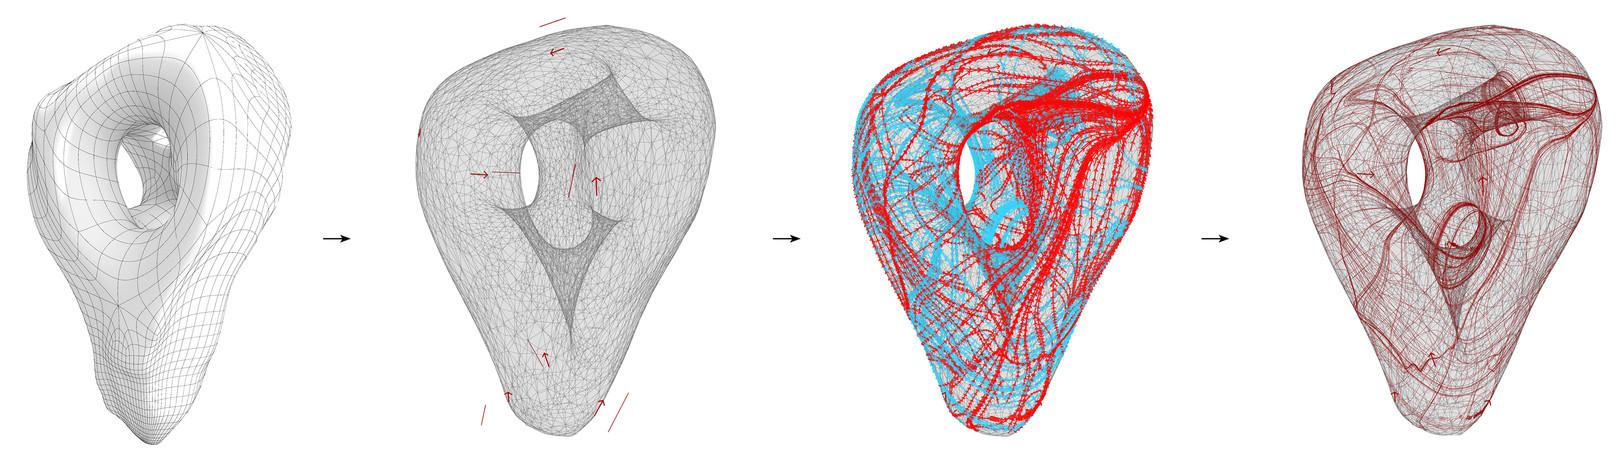 ARgan_Design_01_Diagram.jpg